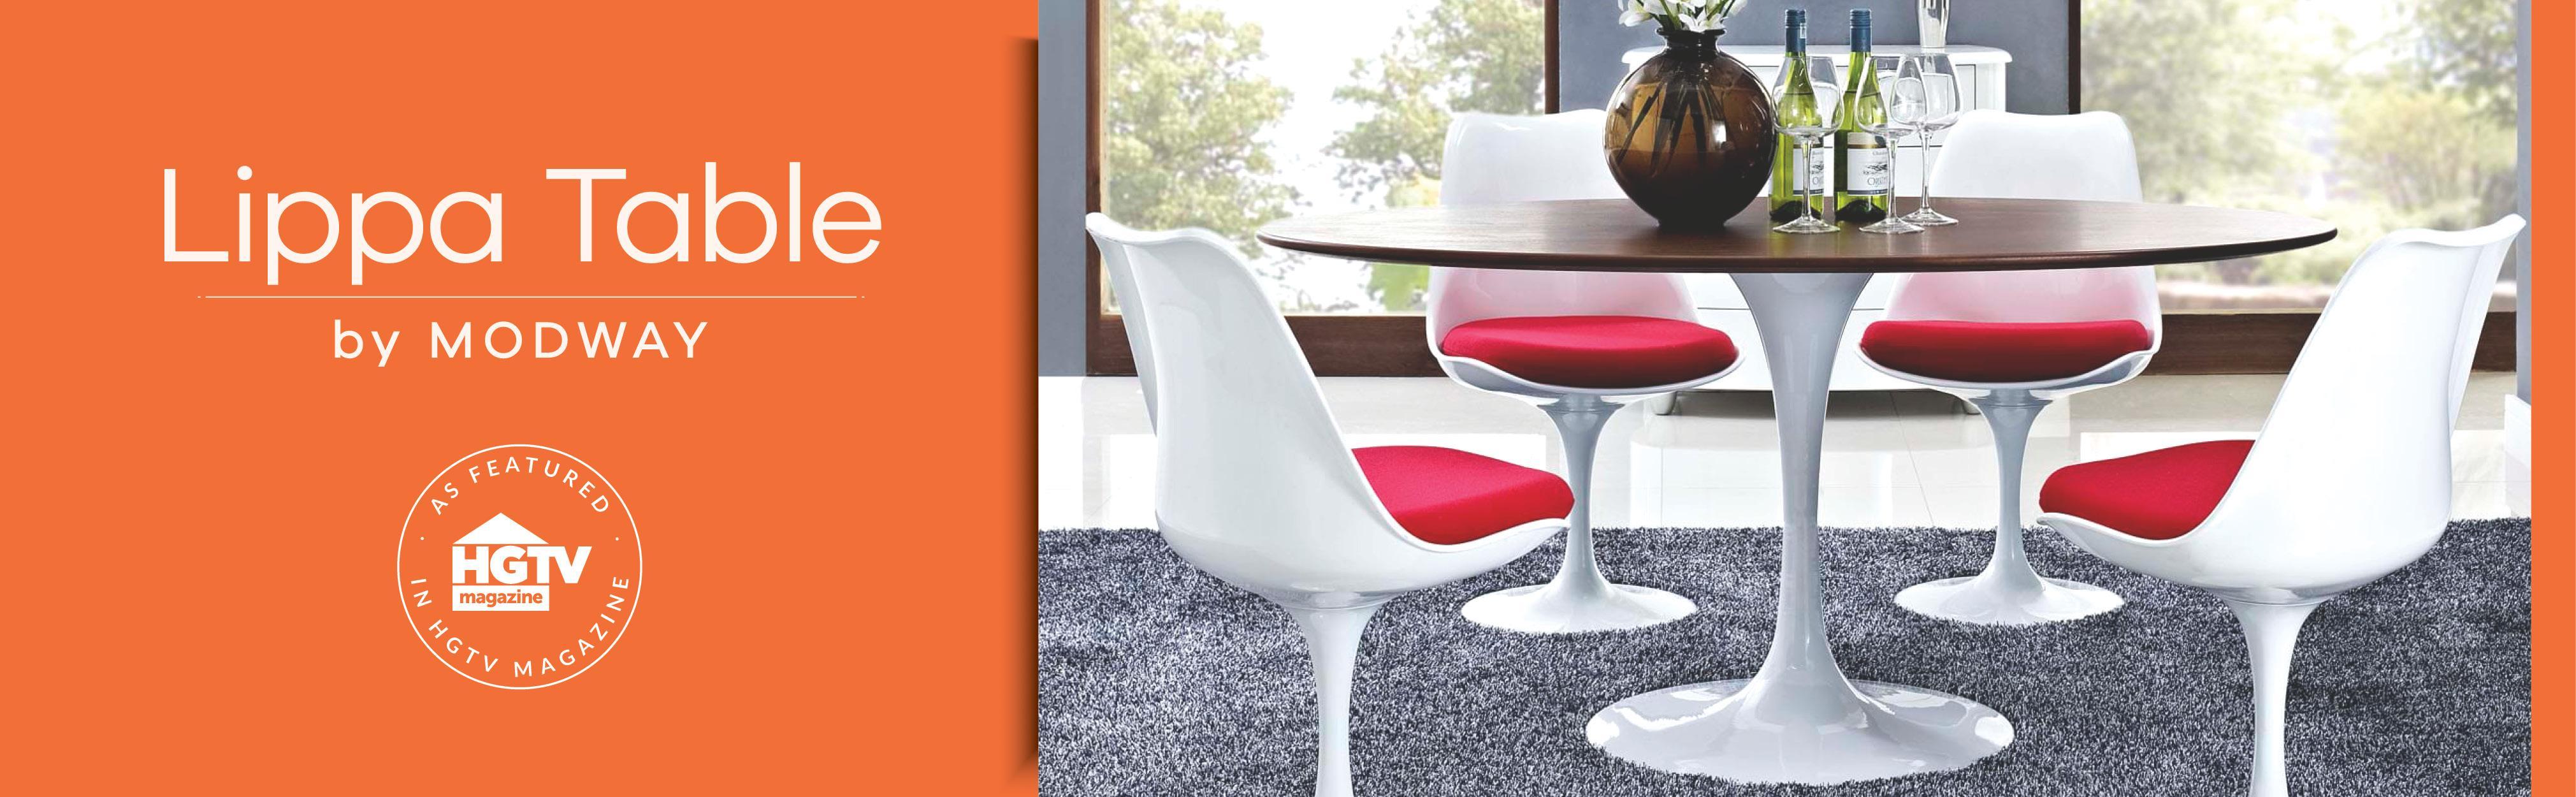 Eero Saarinen Tulip Table Lexmod White Marble Black Tulipcoffee Table